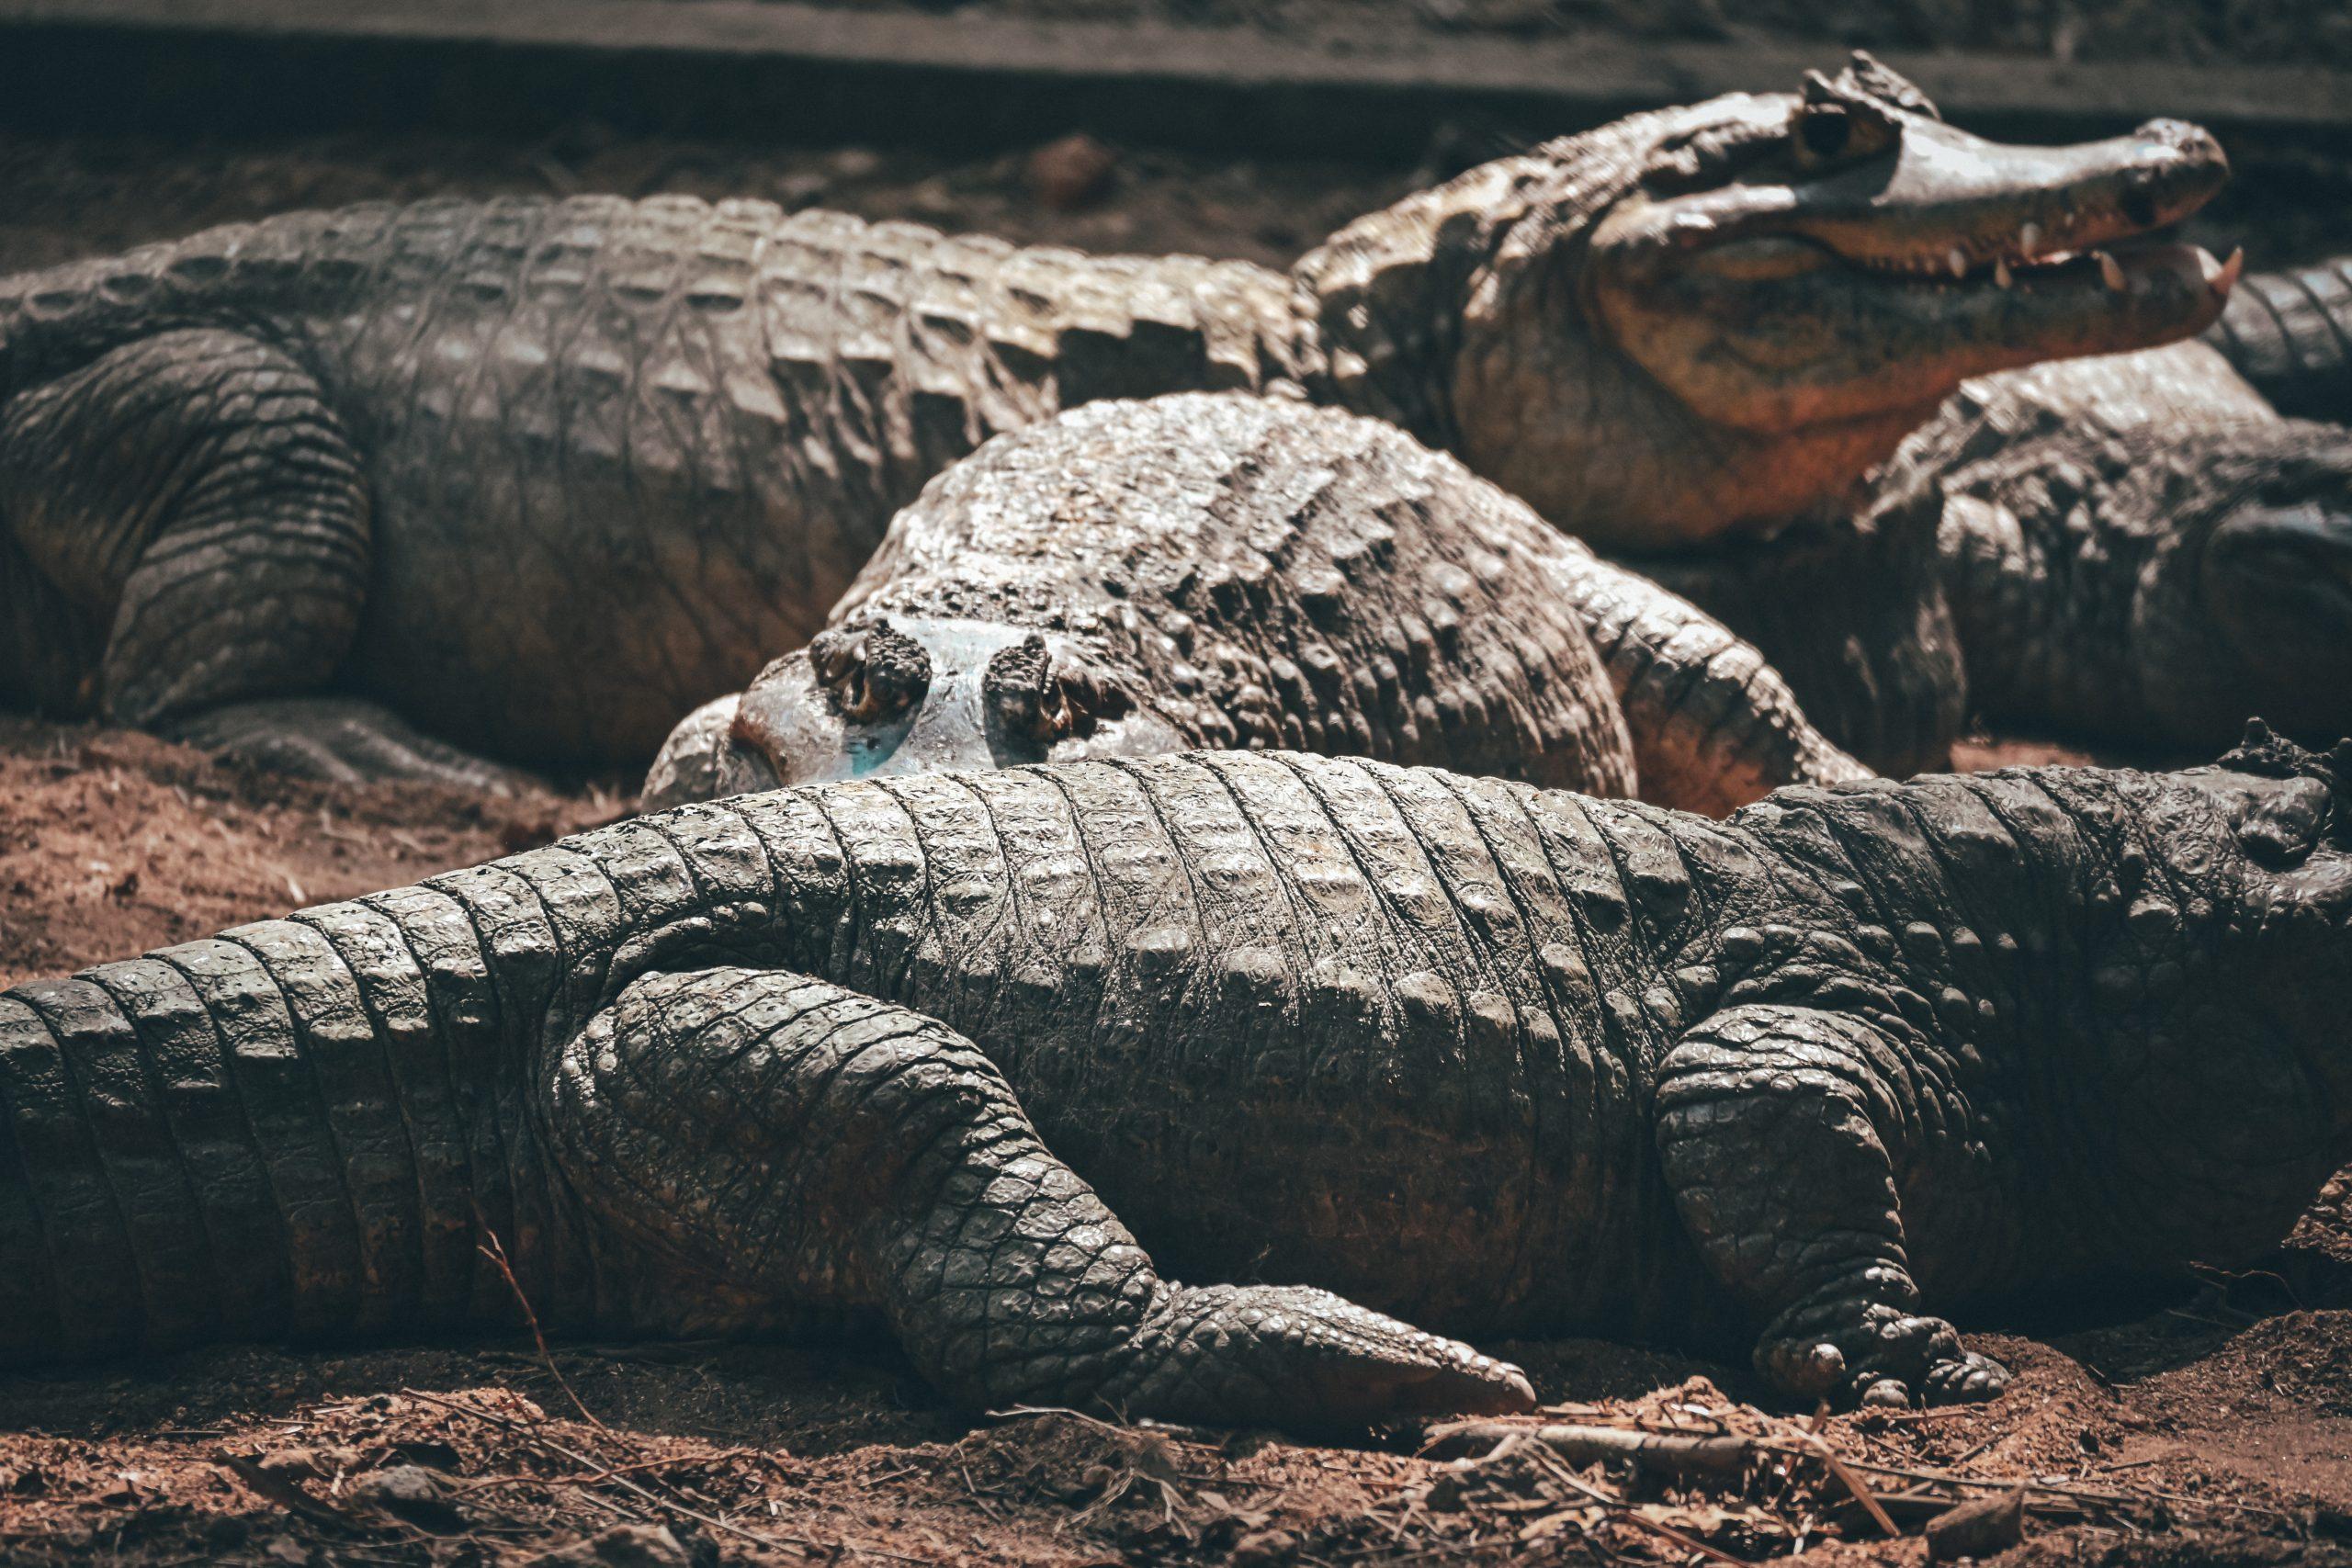 A herd of alligators